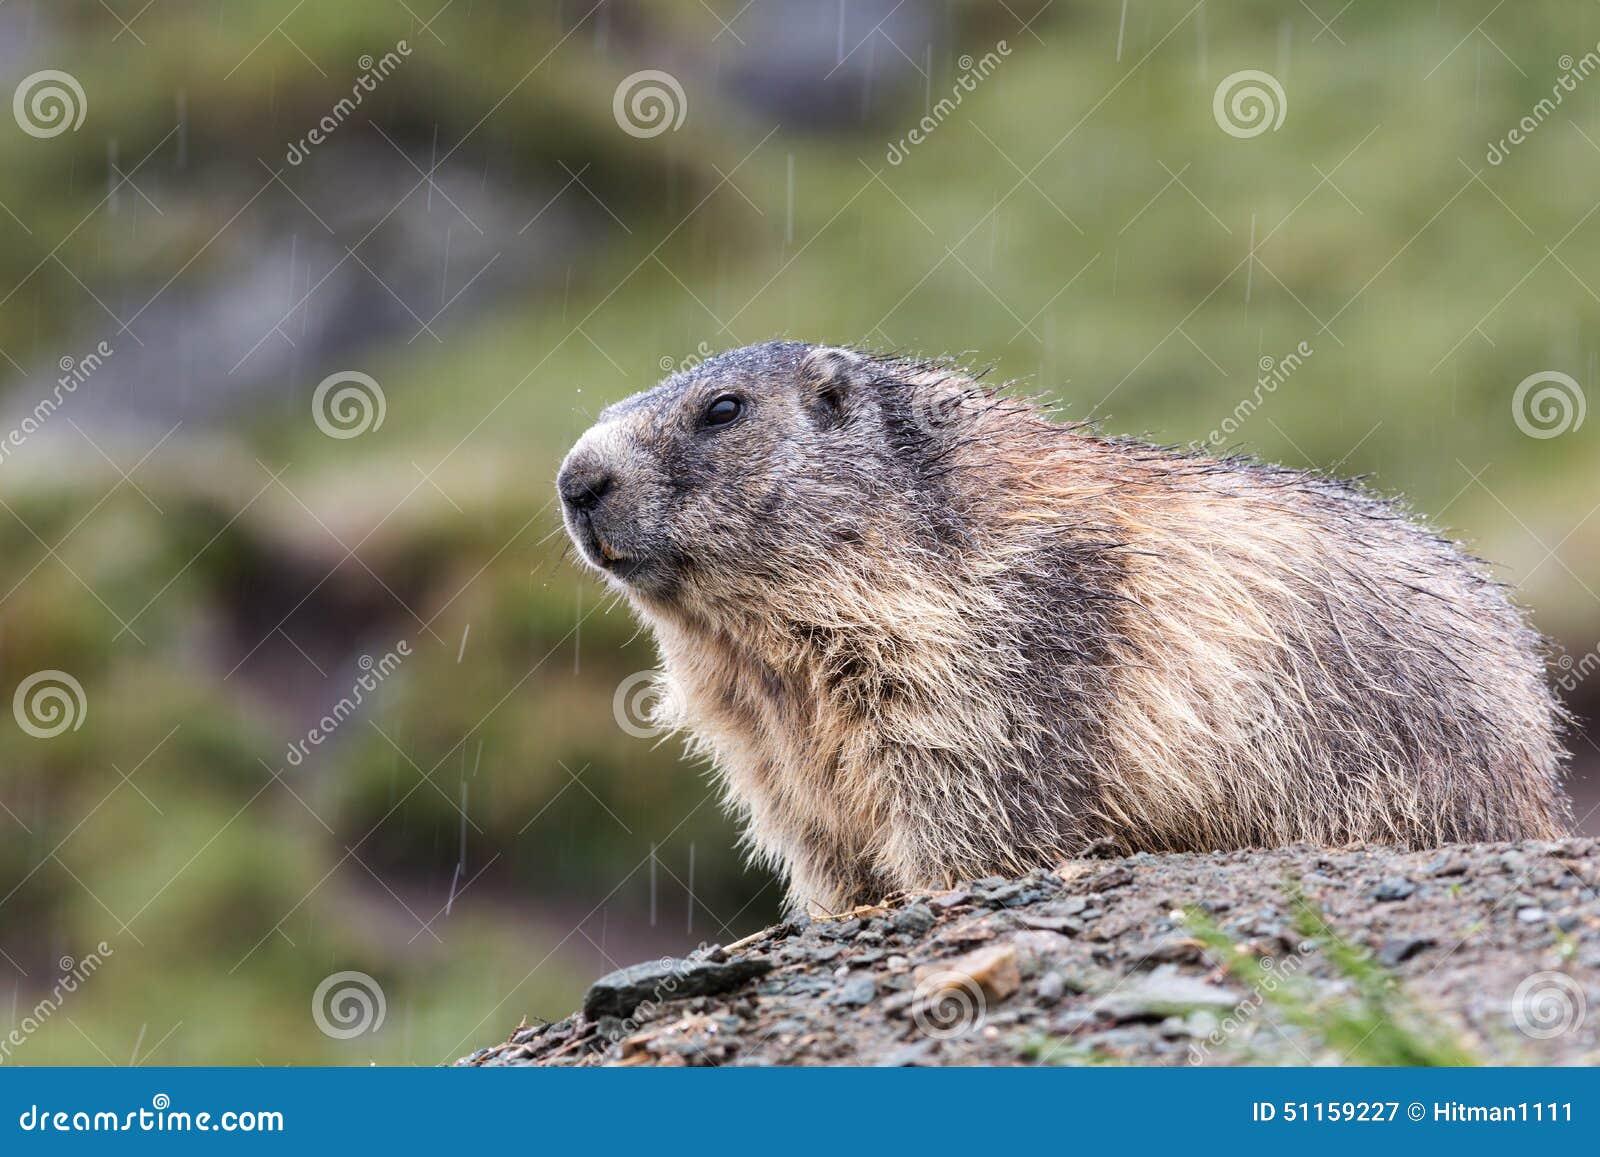 土拨鼠大叫阳光动图_土拨鼠大叫状态动图表情无表情表情包猛烈图片